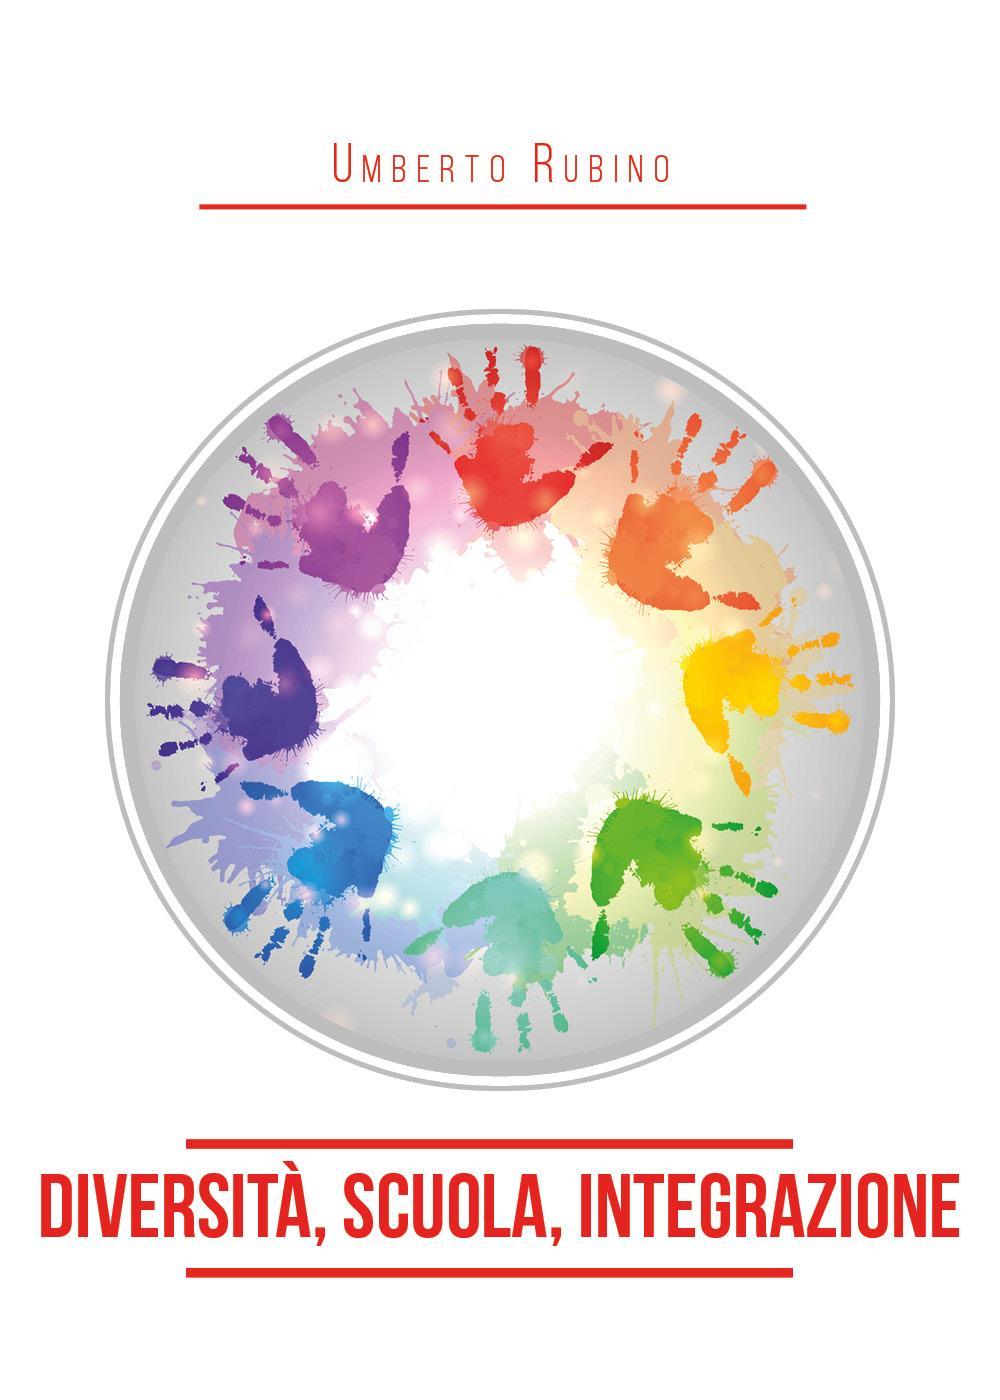 Diversità, scuola, integrazione